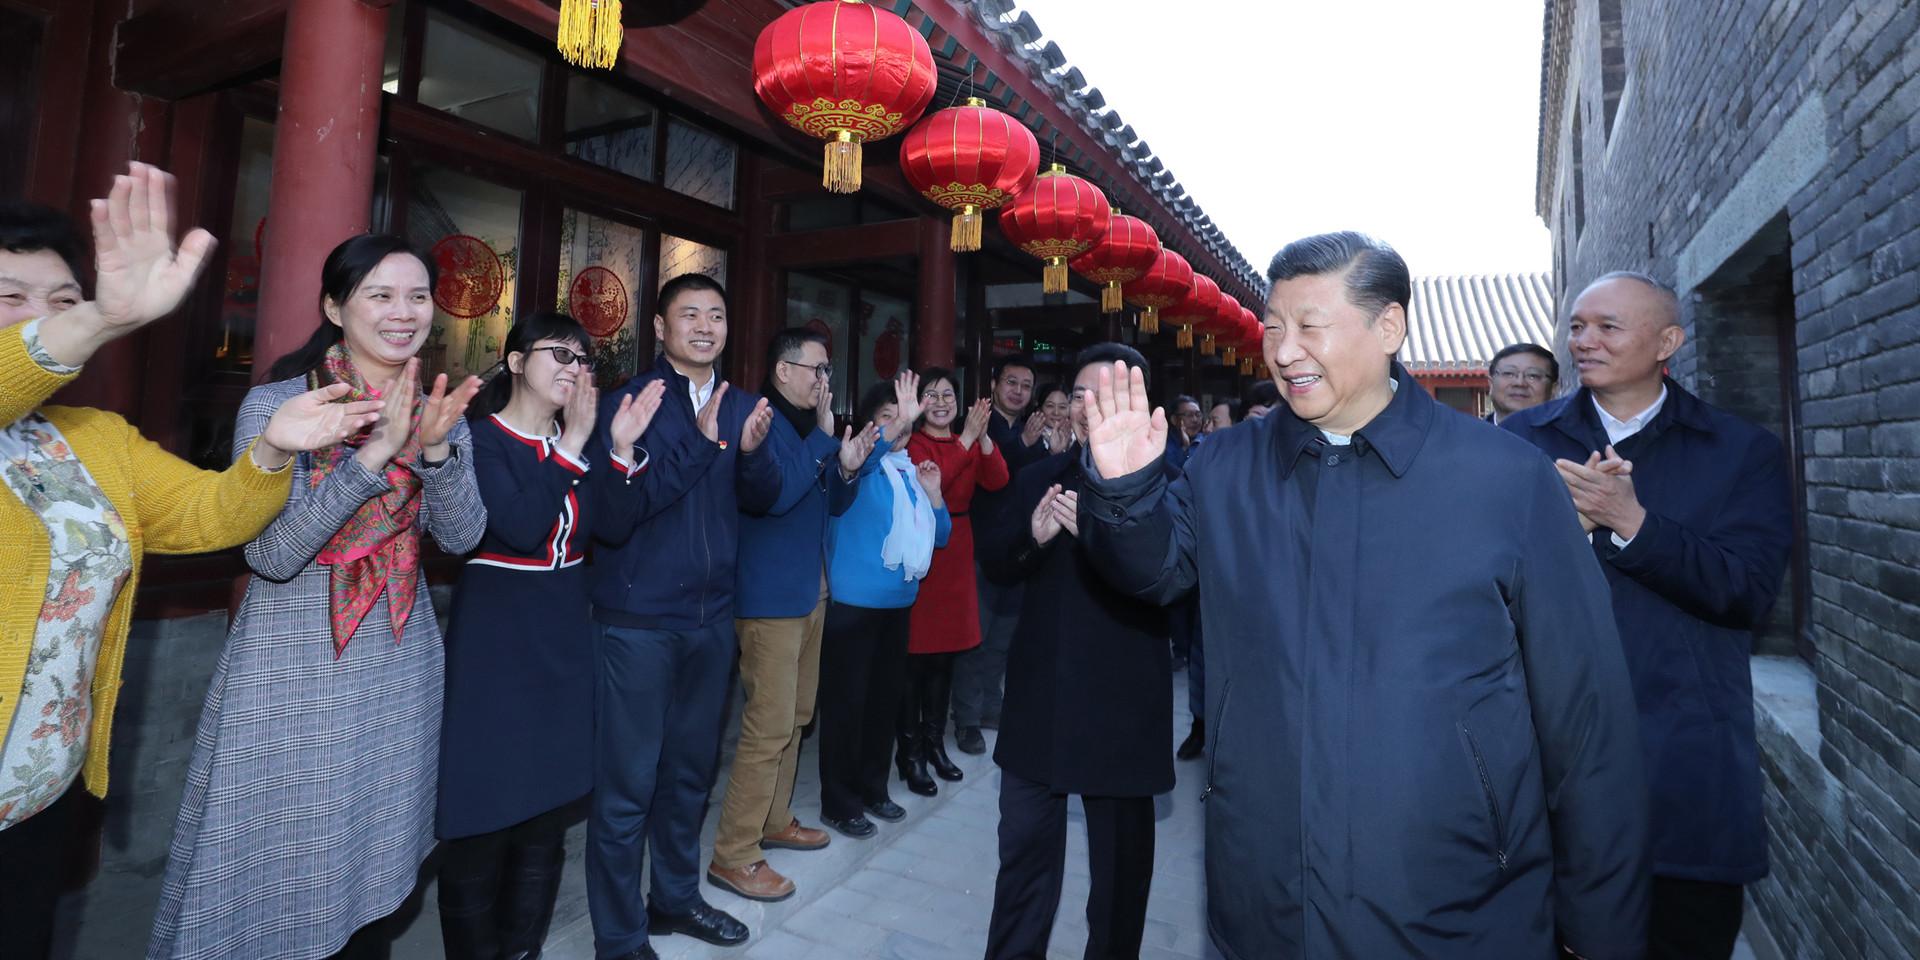 中国共产党的追求就是让老百姓生活越来越好。